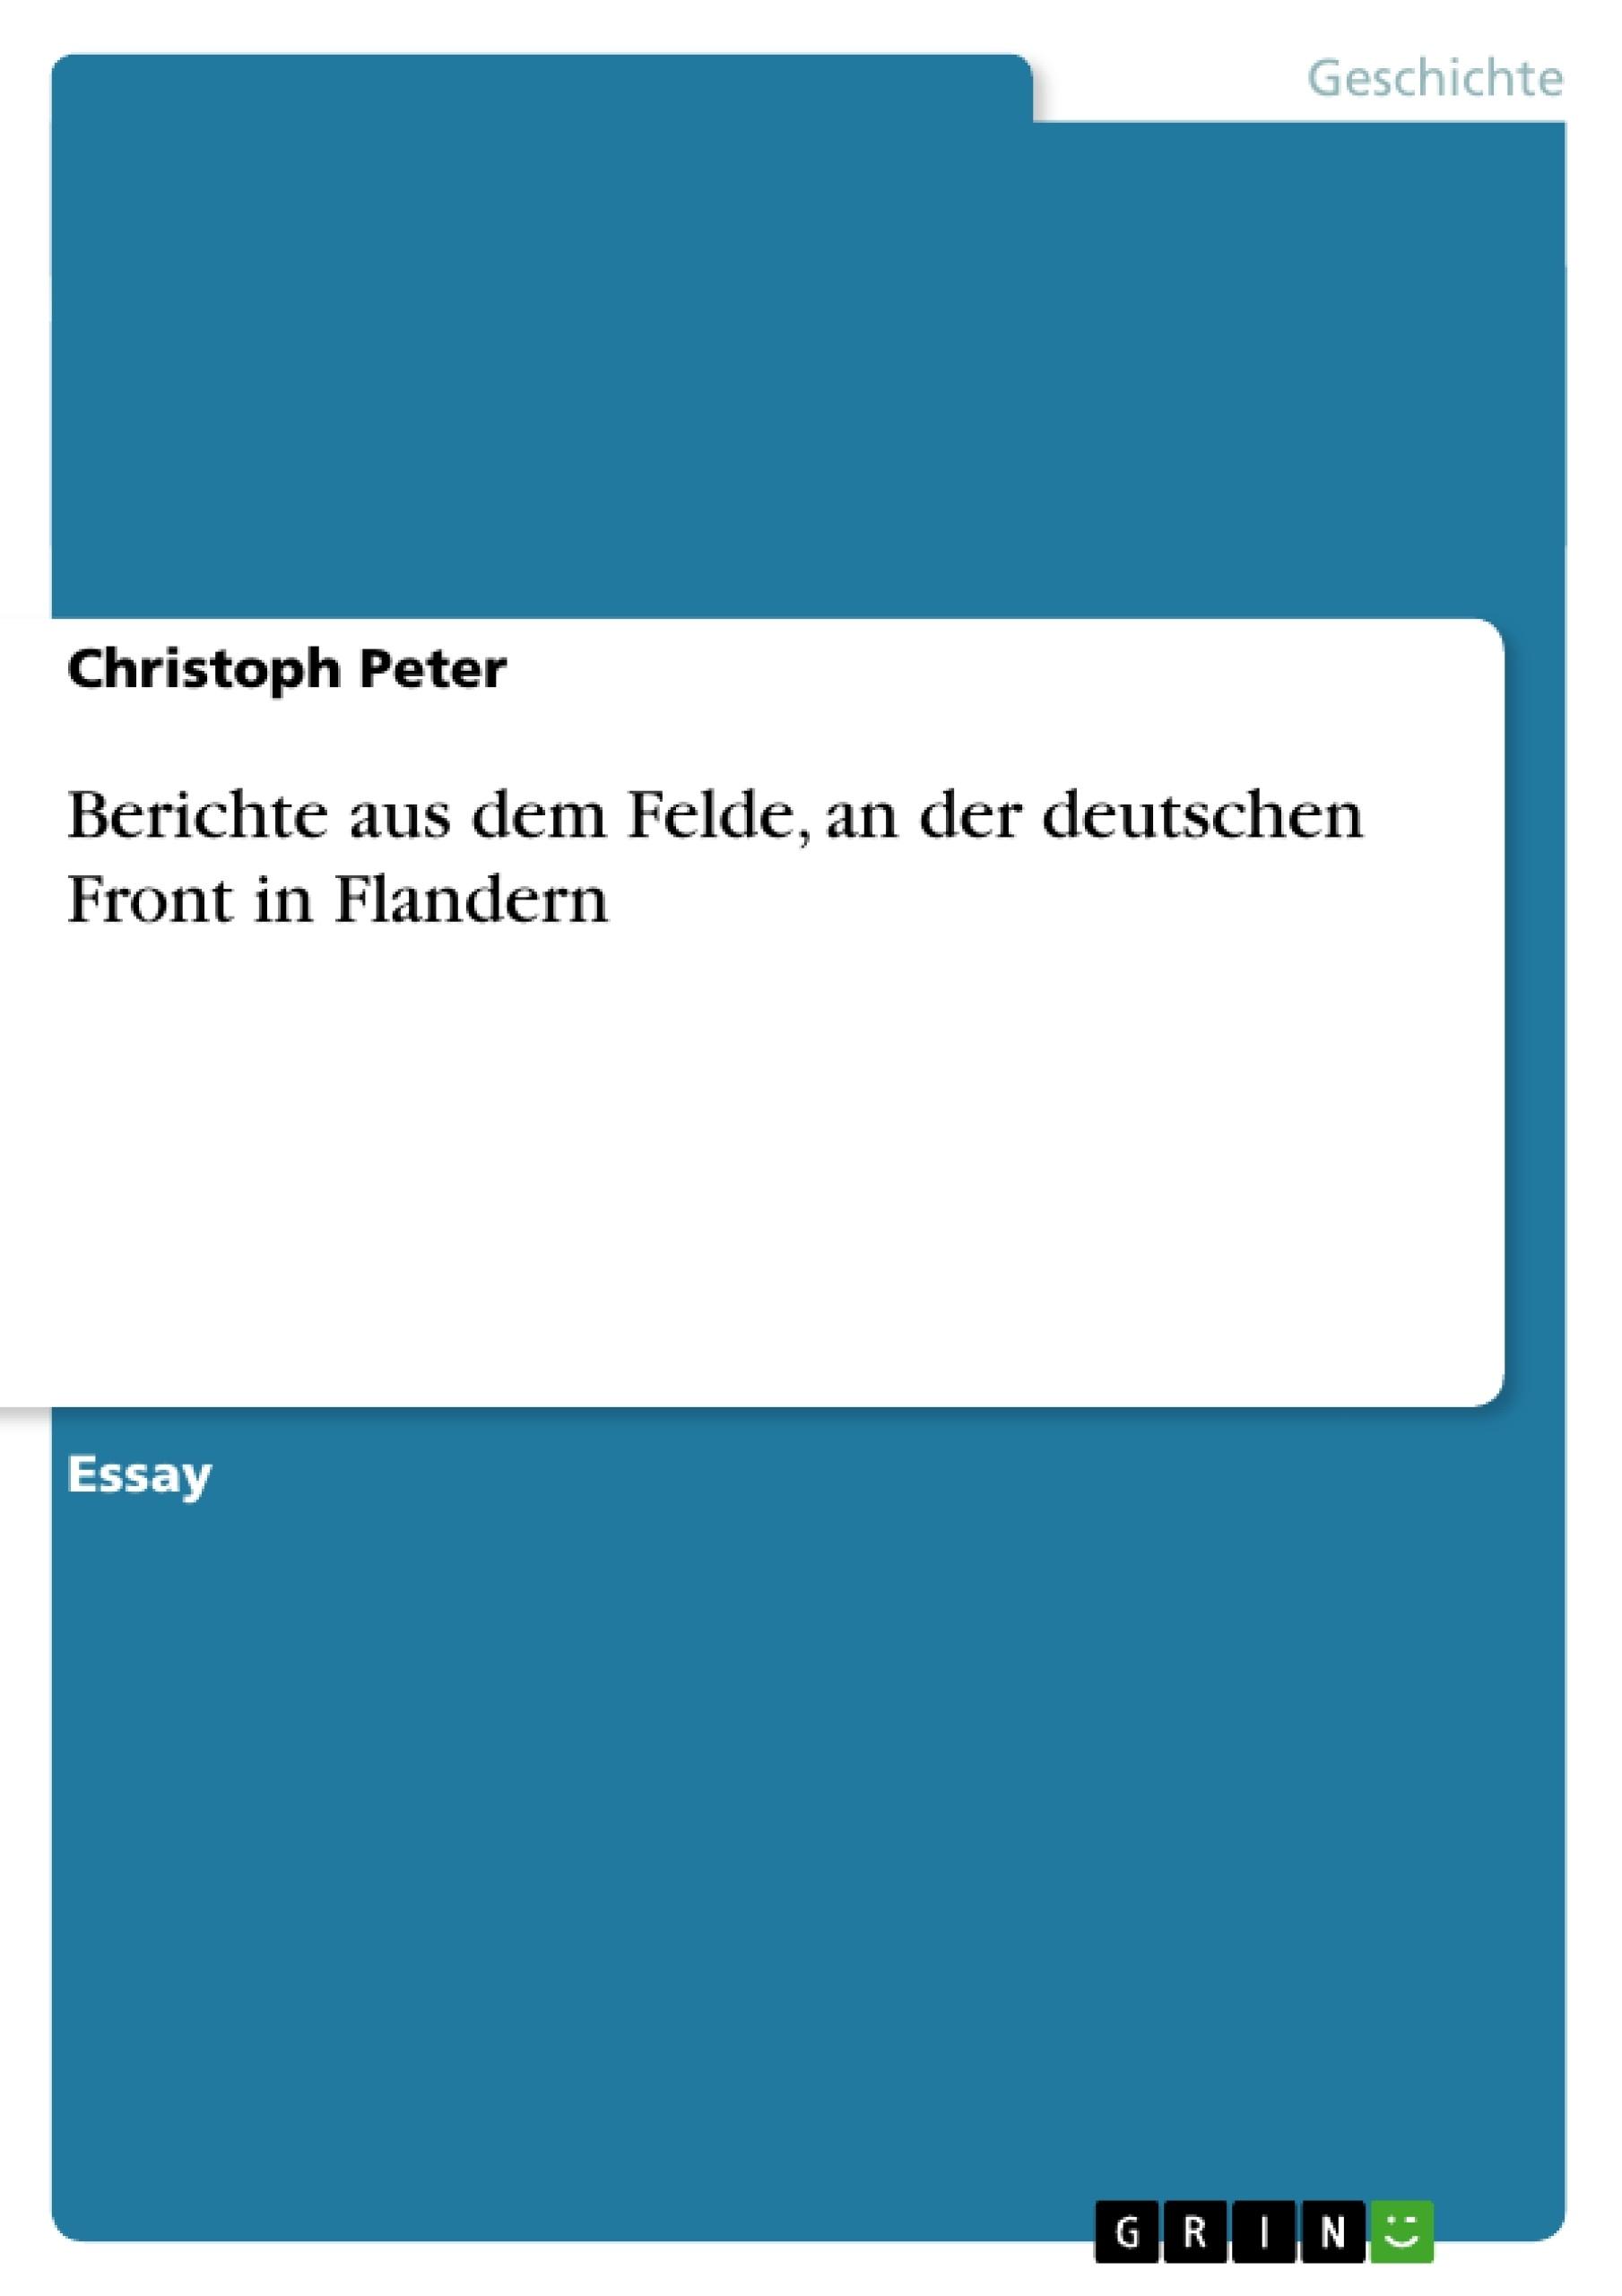 Titel: Berichte aus dem Felde, an der deutschen Front in Flandern